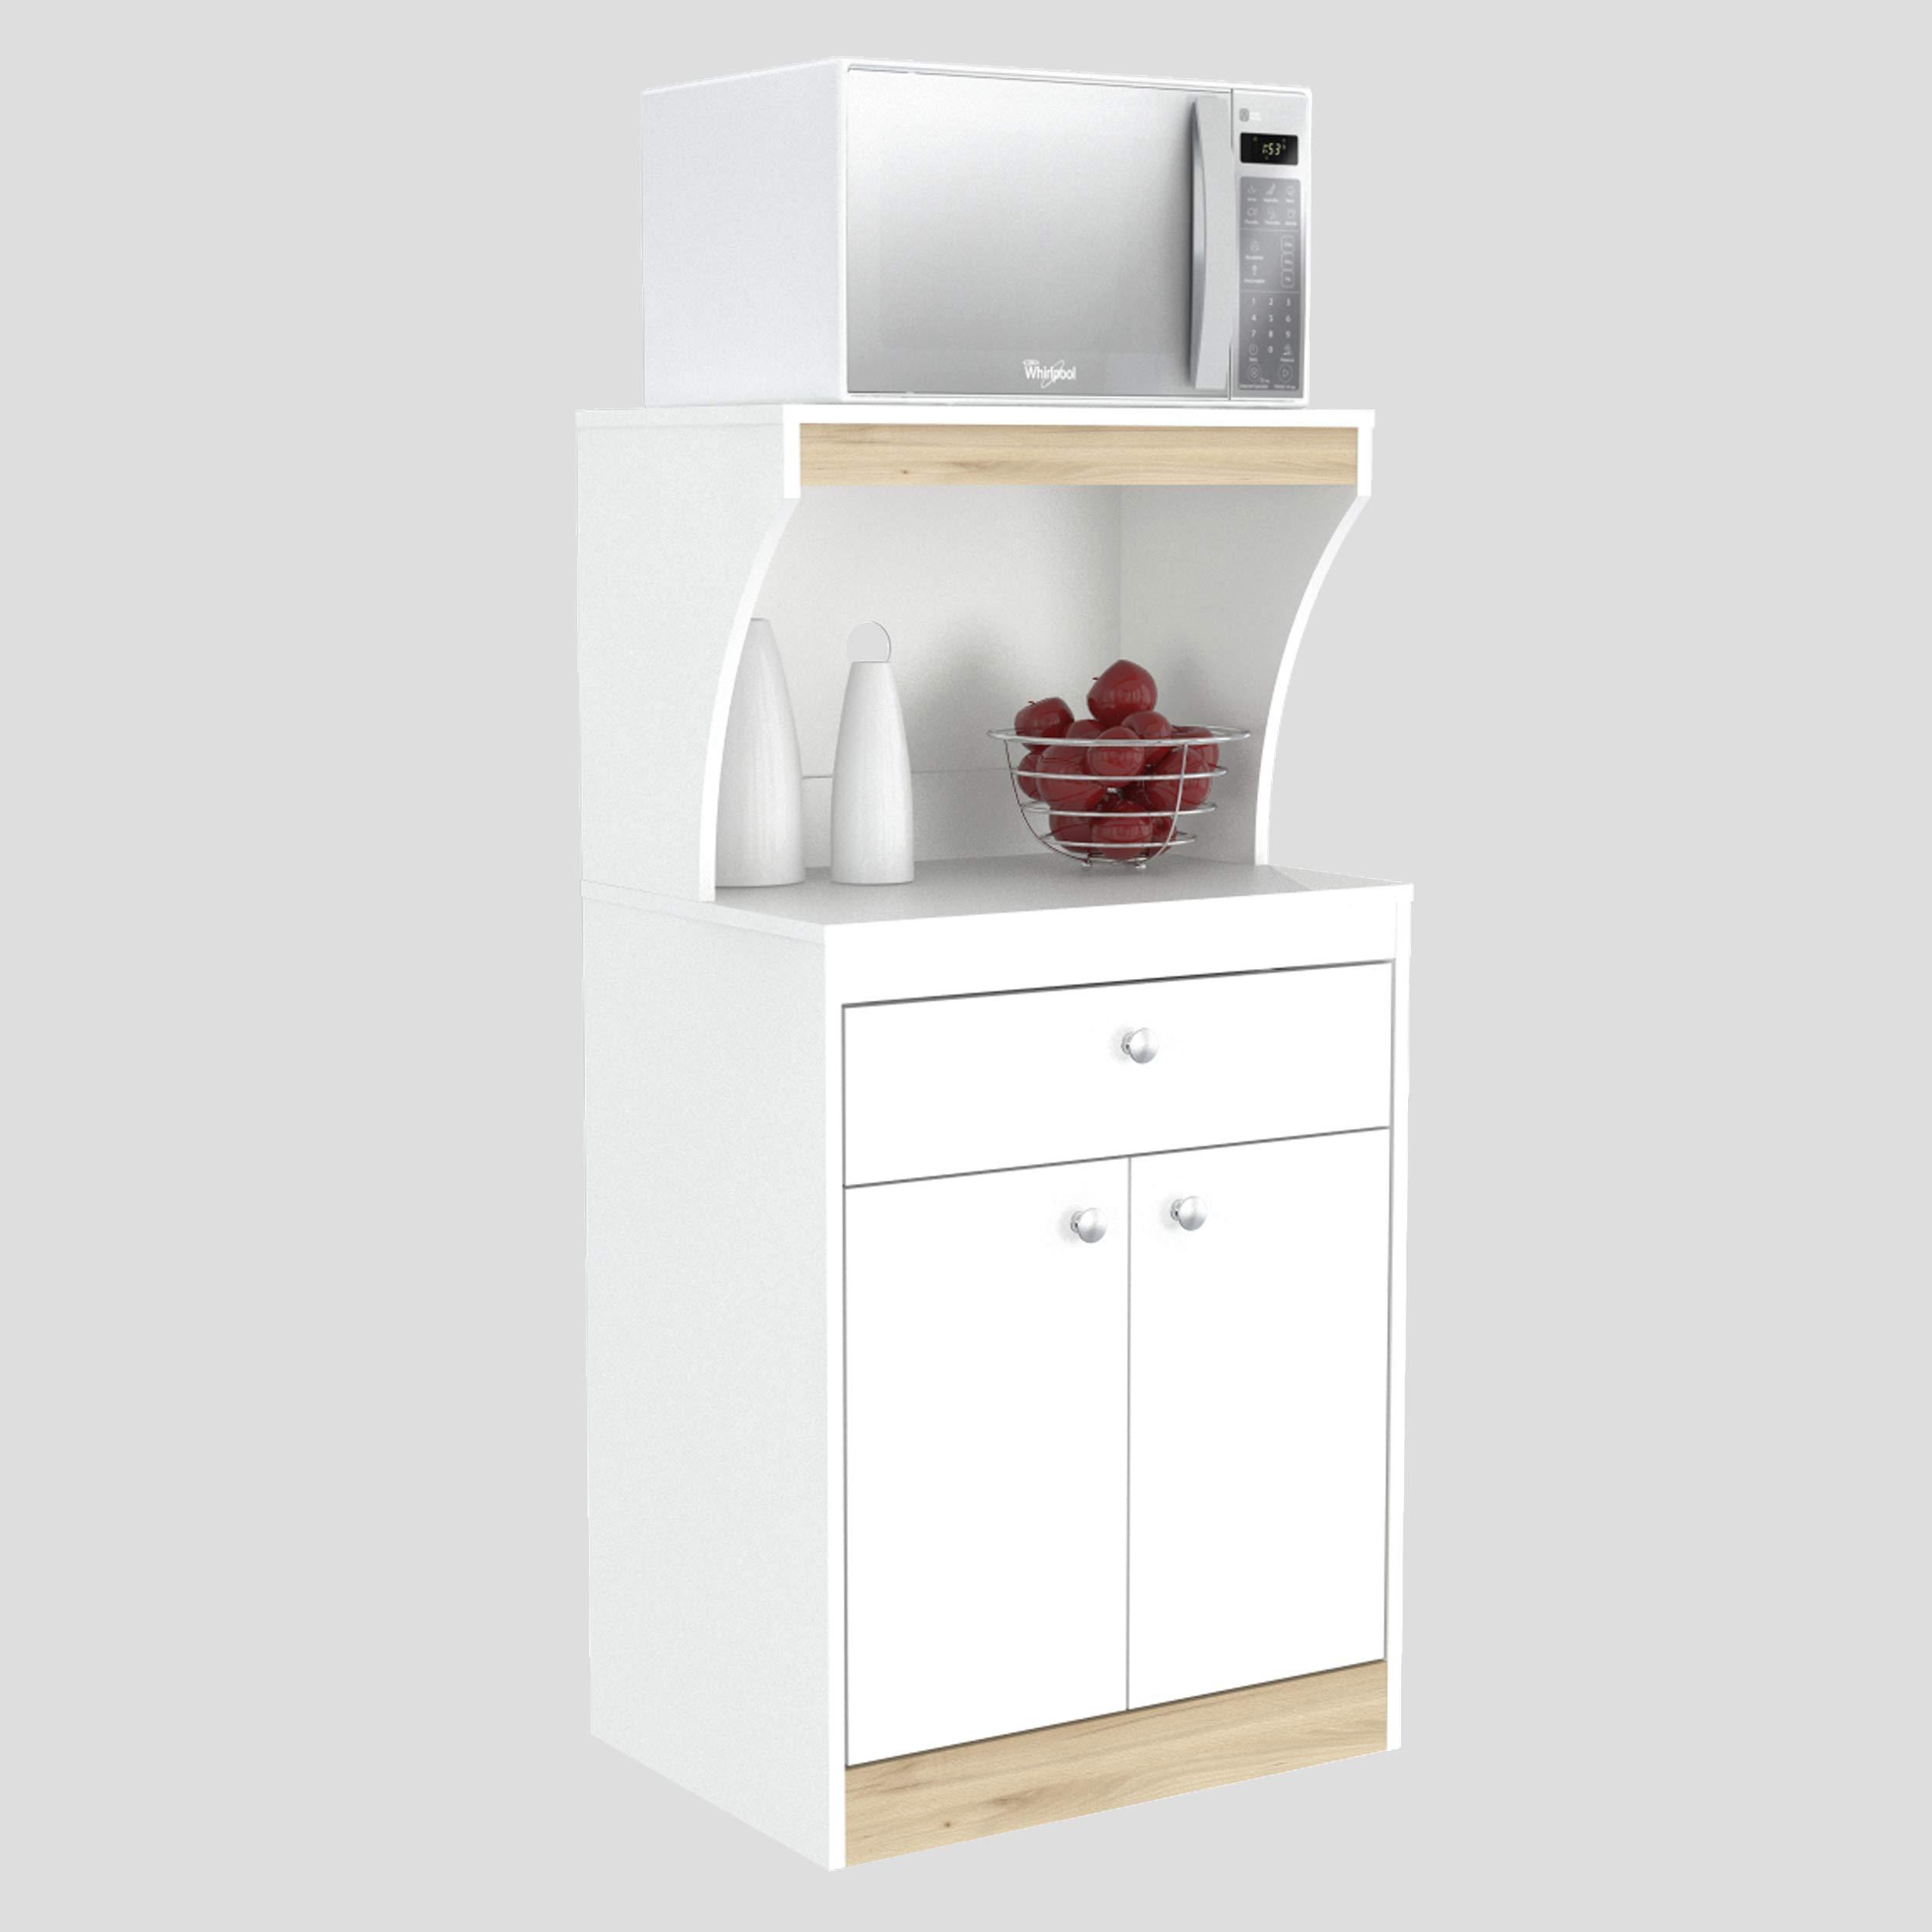 Inval GCM-060 Galley Kitchen/Microwave 1-Drawer/2-Door Storage Cabinet, White and Vienes Oak